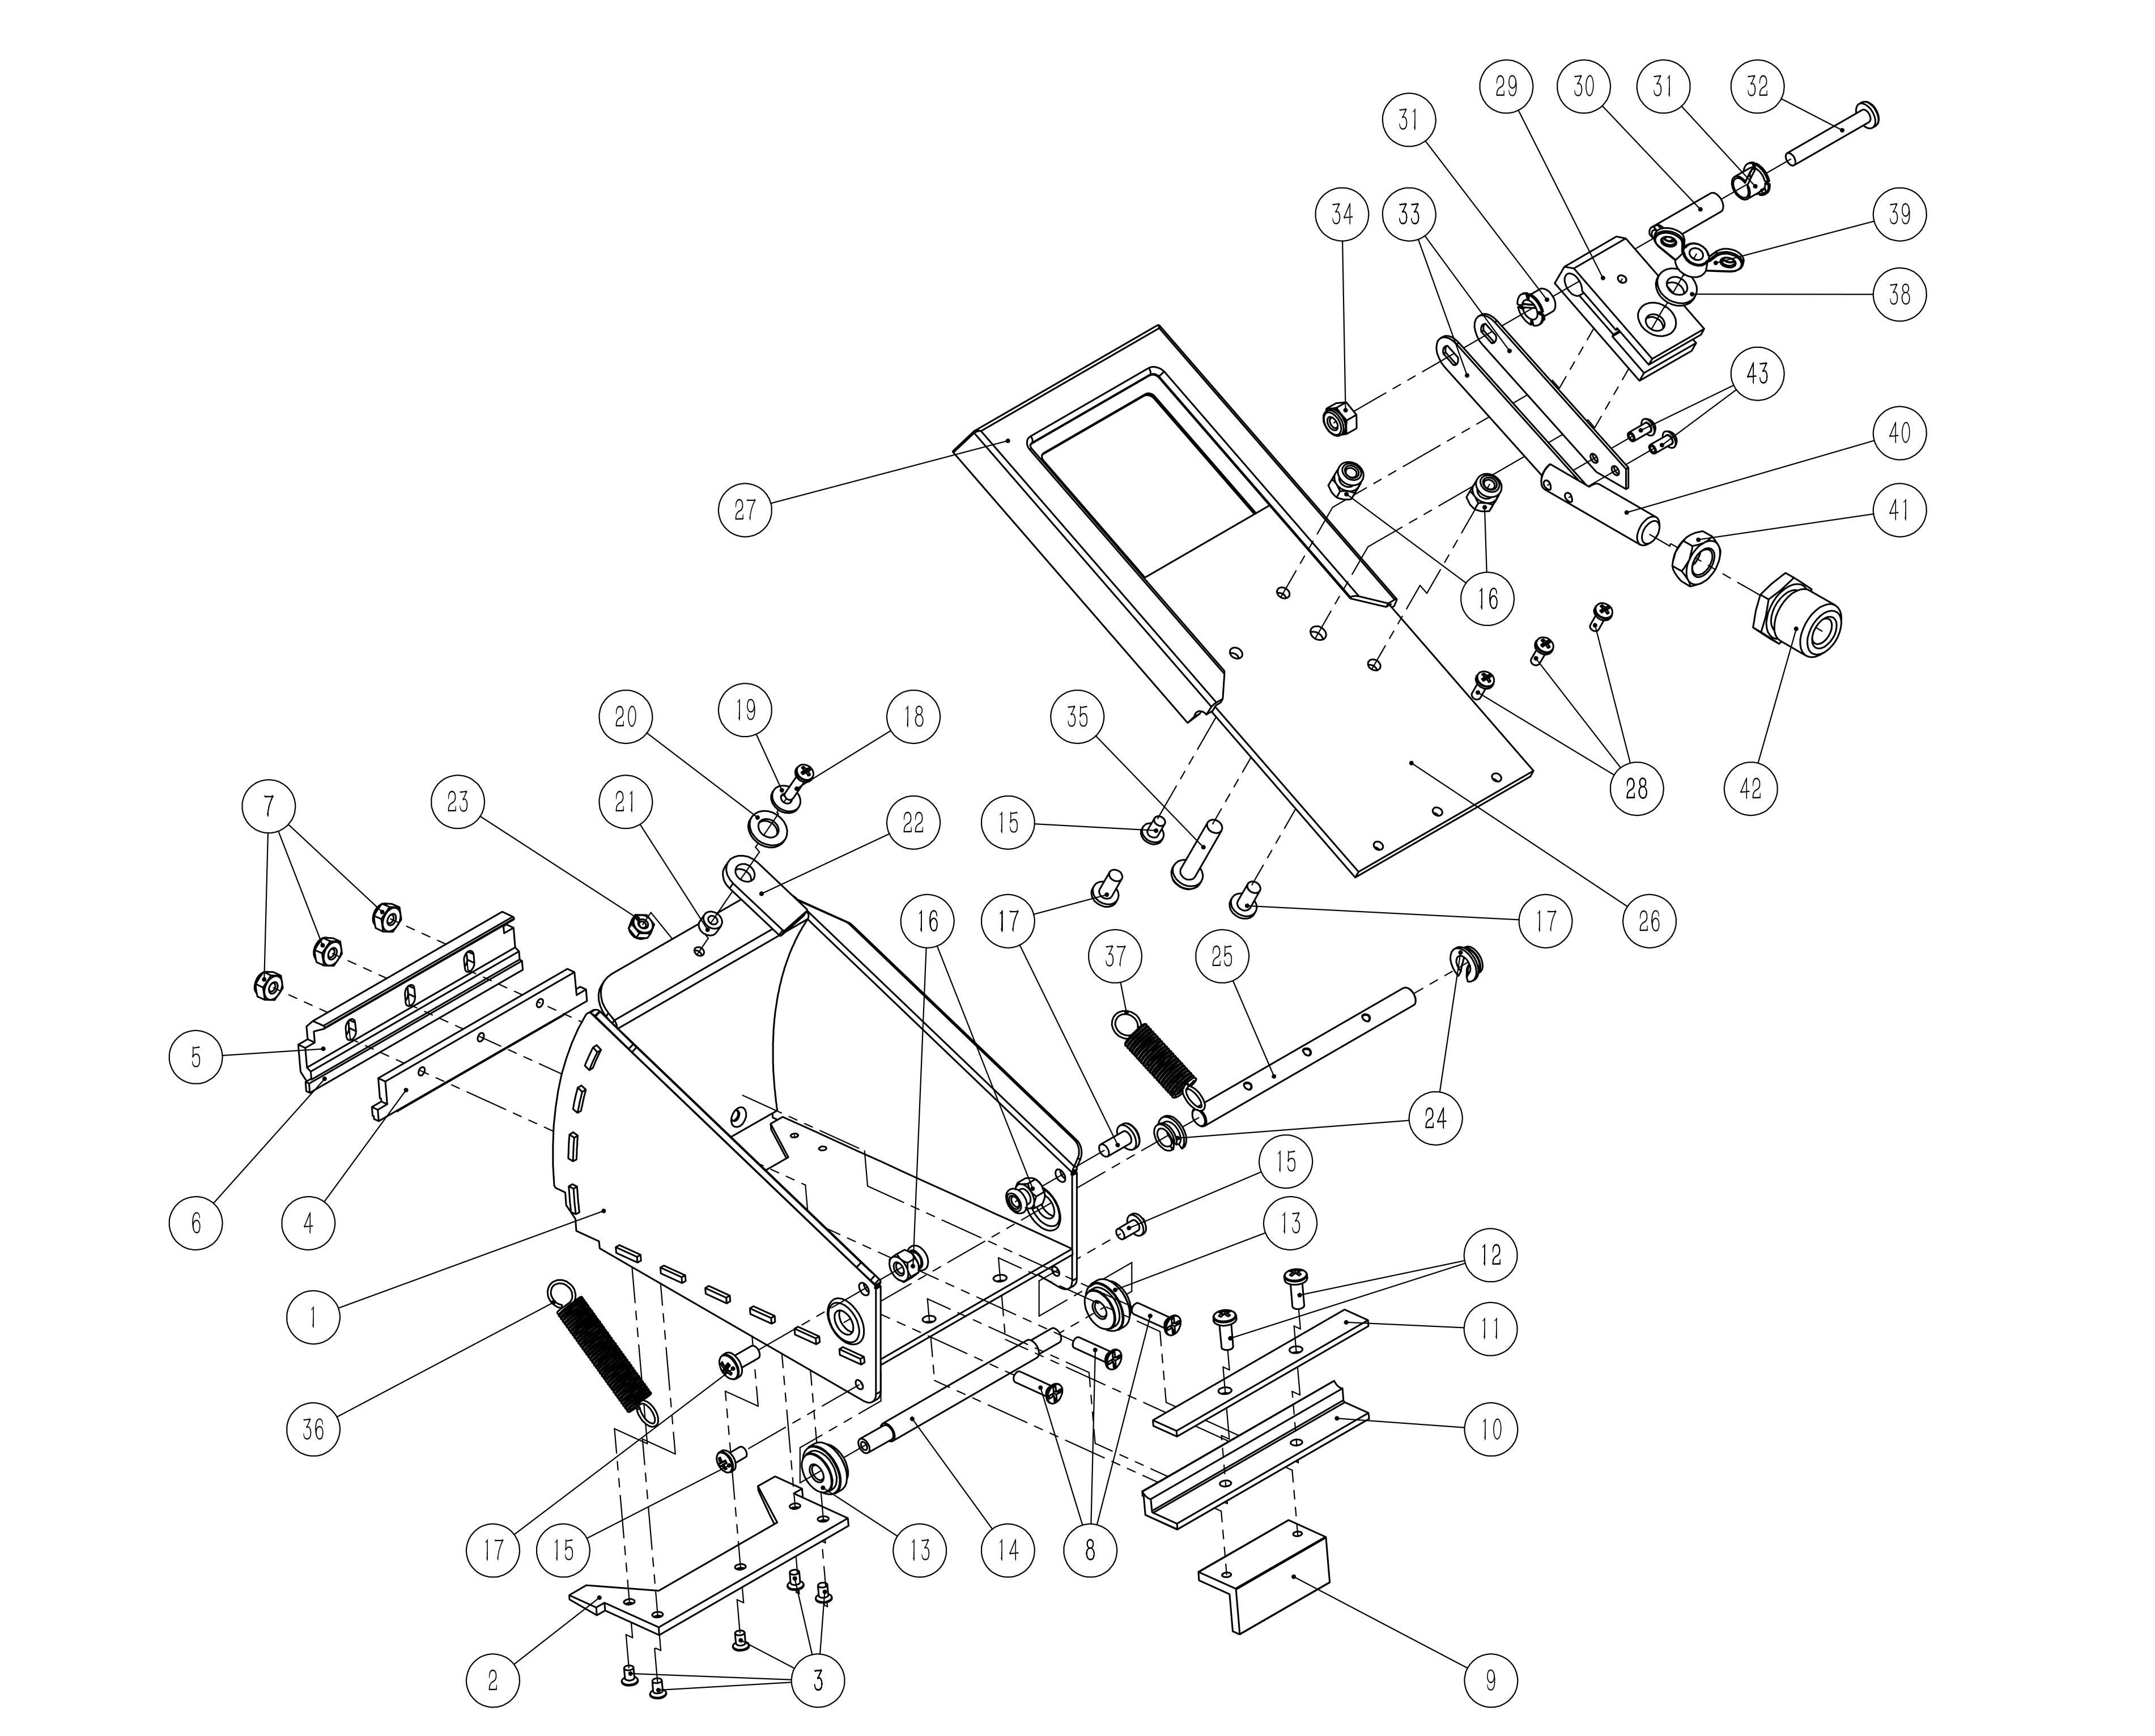 Platinum Nail Spotter Parts List